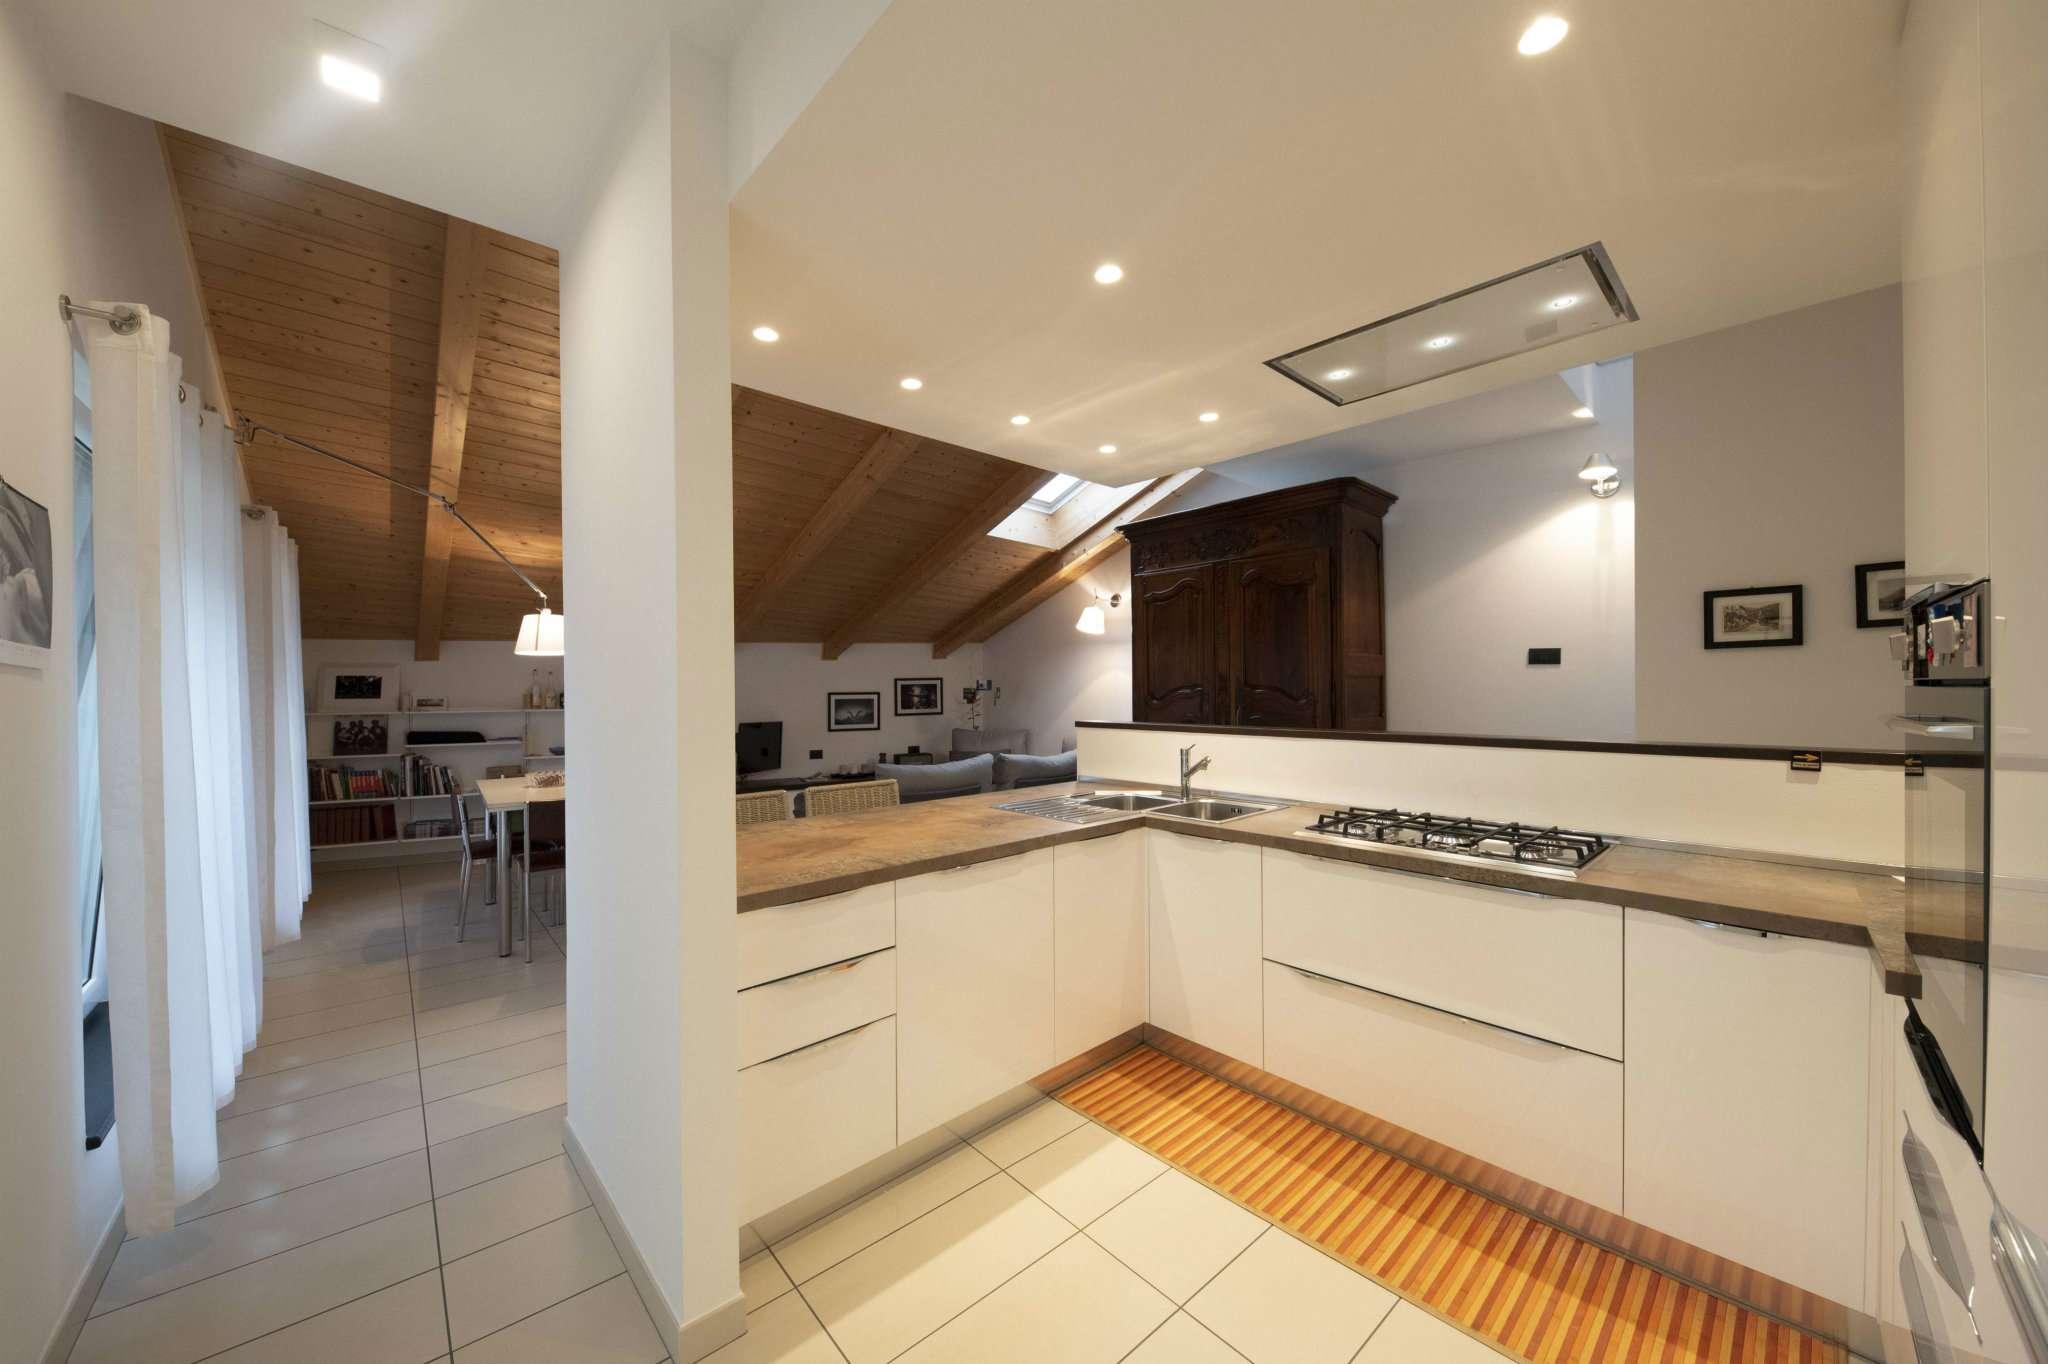 Appartamento in vendita a Capo di Ponte, 3 locali, prezzo € 135.000 | PortaleAgenzieImmobiliari.it